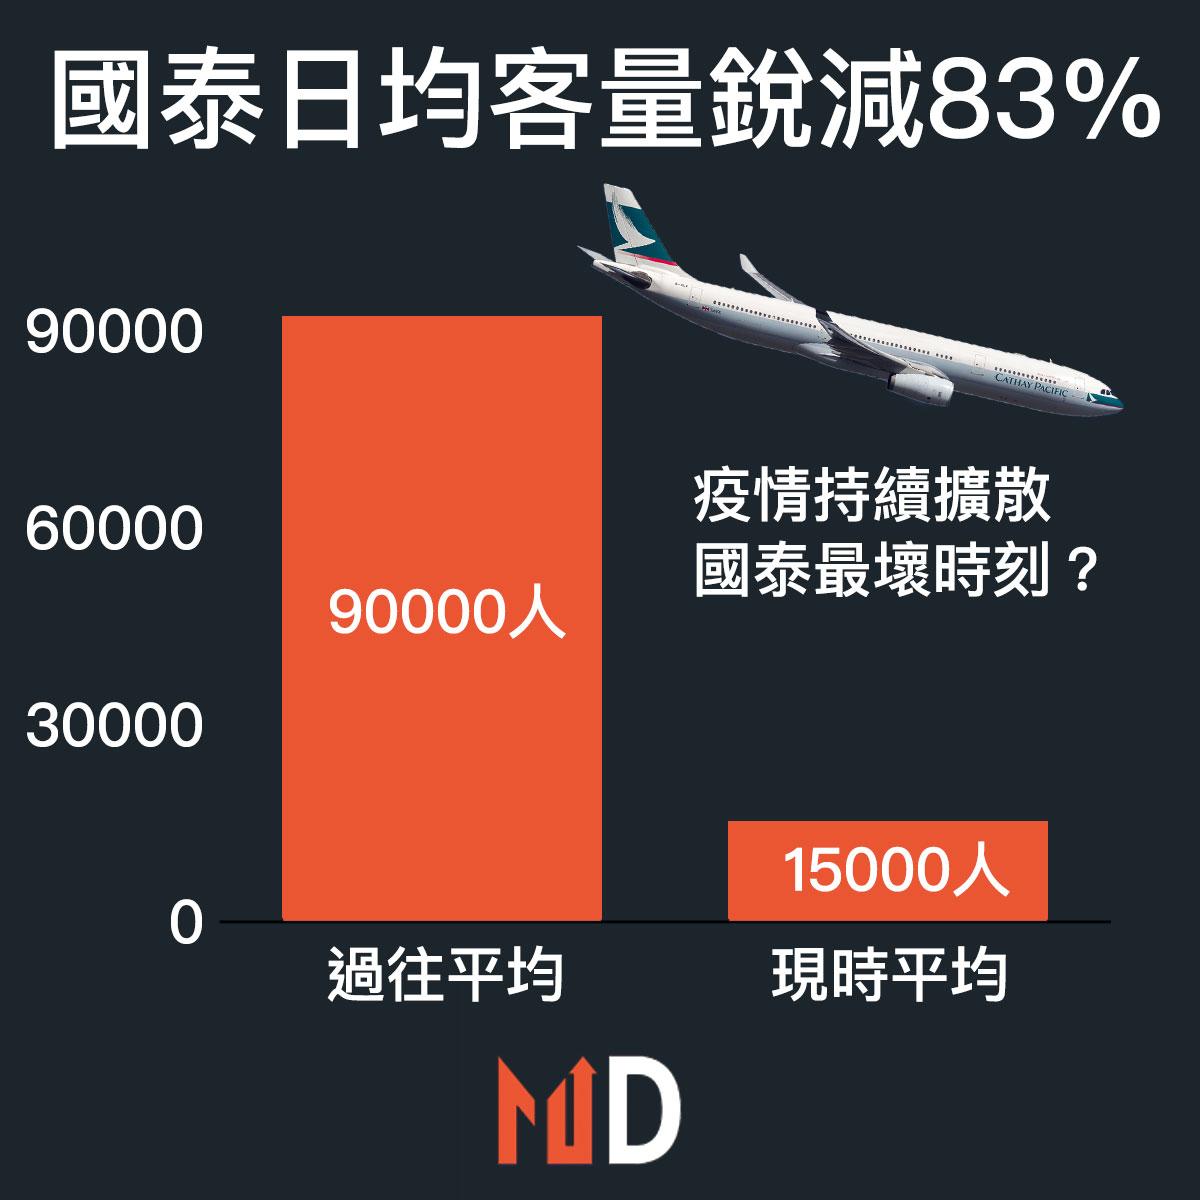 【市場熱話】國泰日均客量銳減83%,而且對沖燃油又有虧損